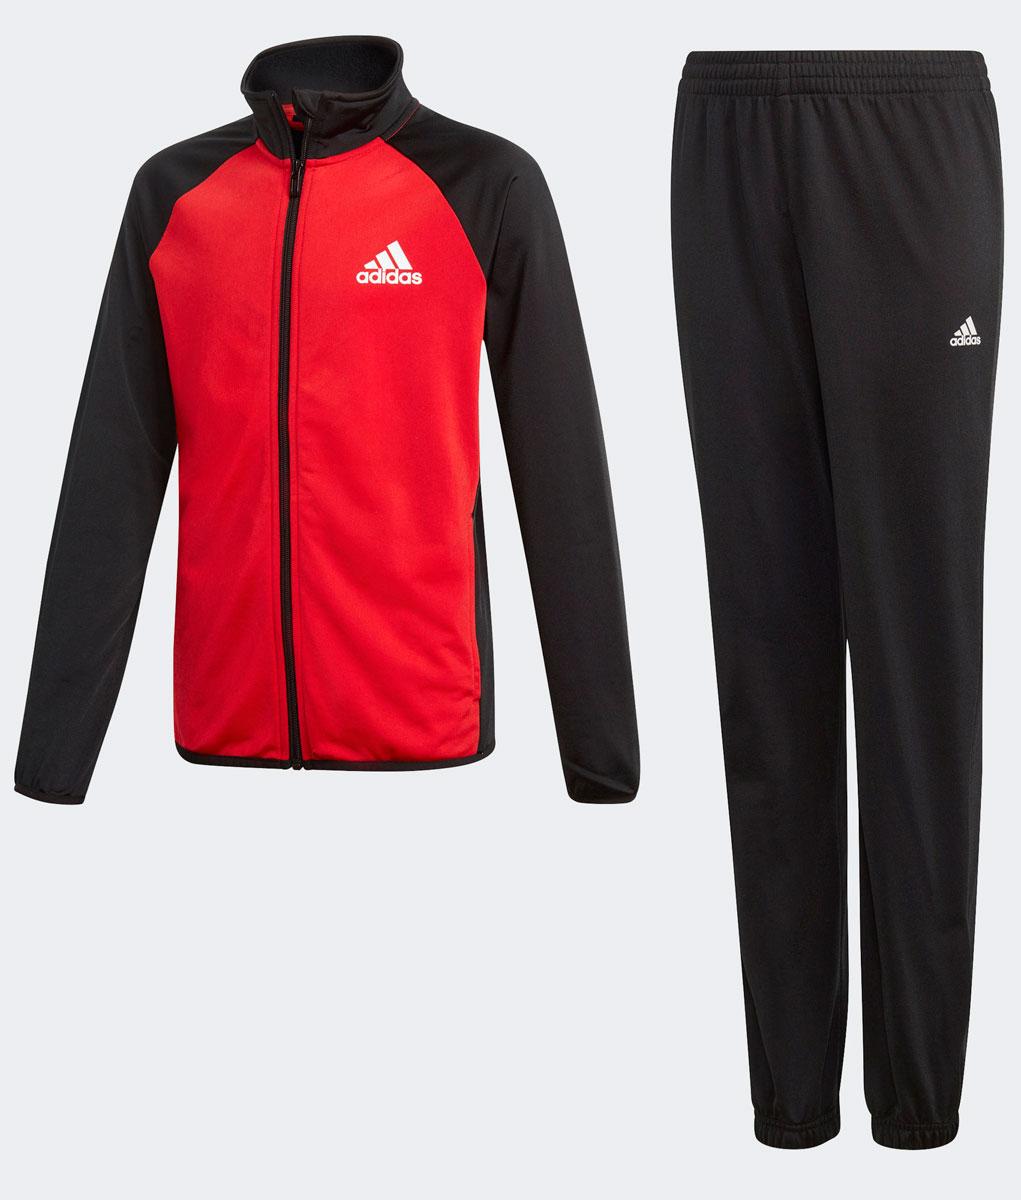 Спортивный костюм для мальчика Adidas Yb Ts Entry Ch, цвет: черный. DM1482. Размер 92DM1482